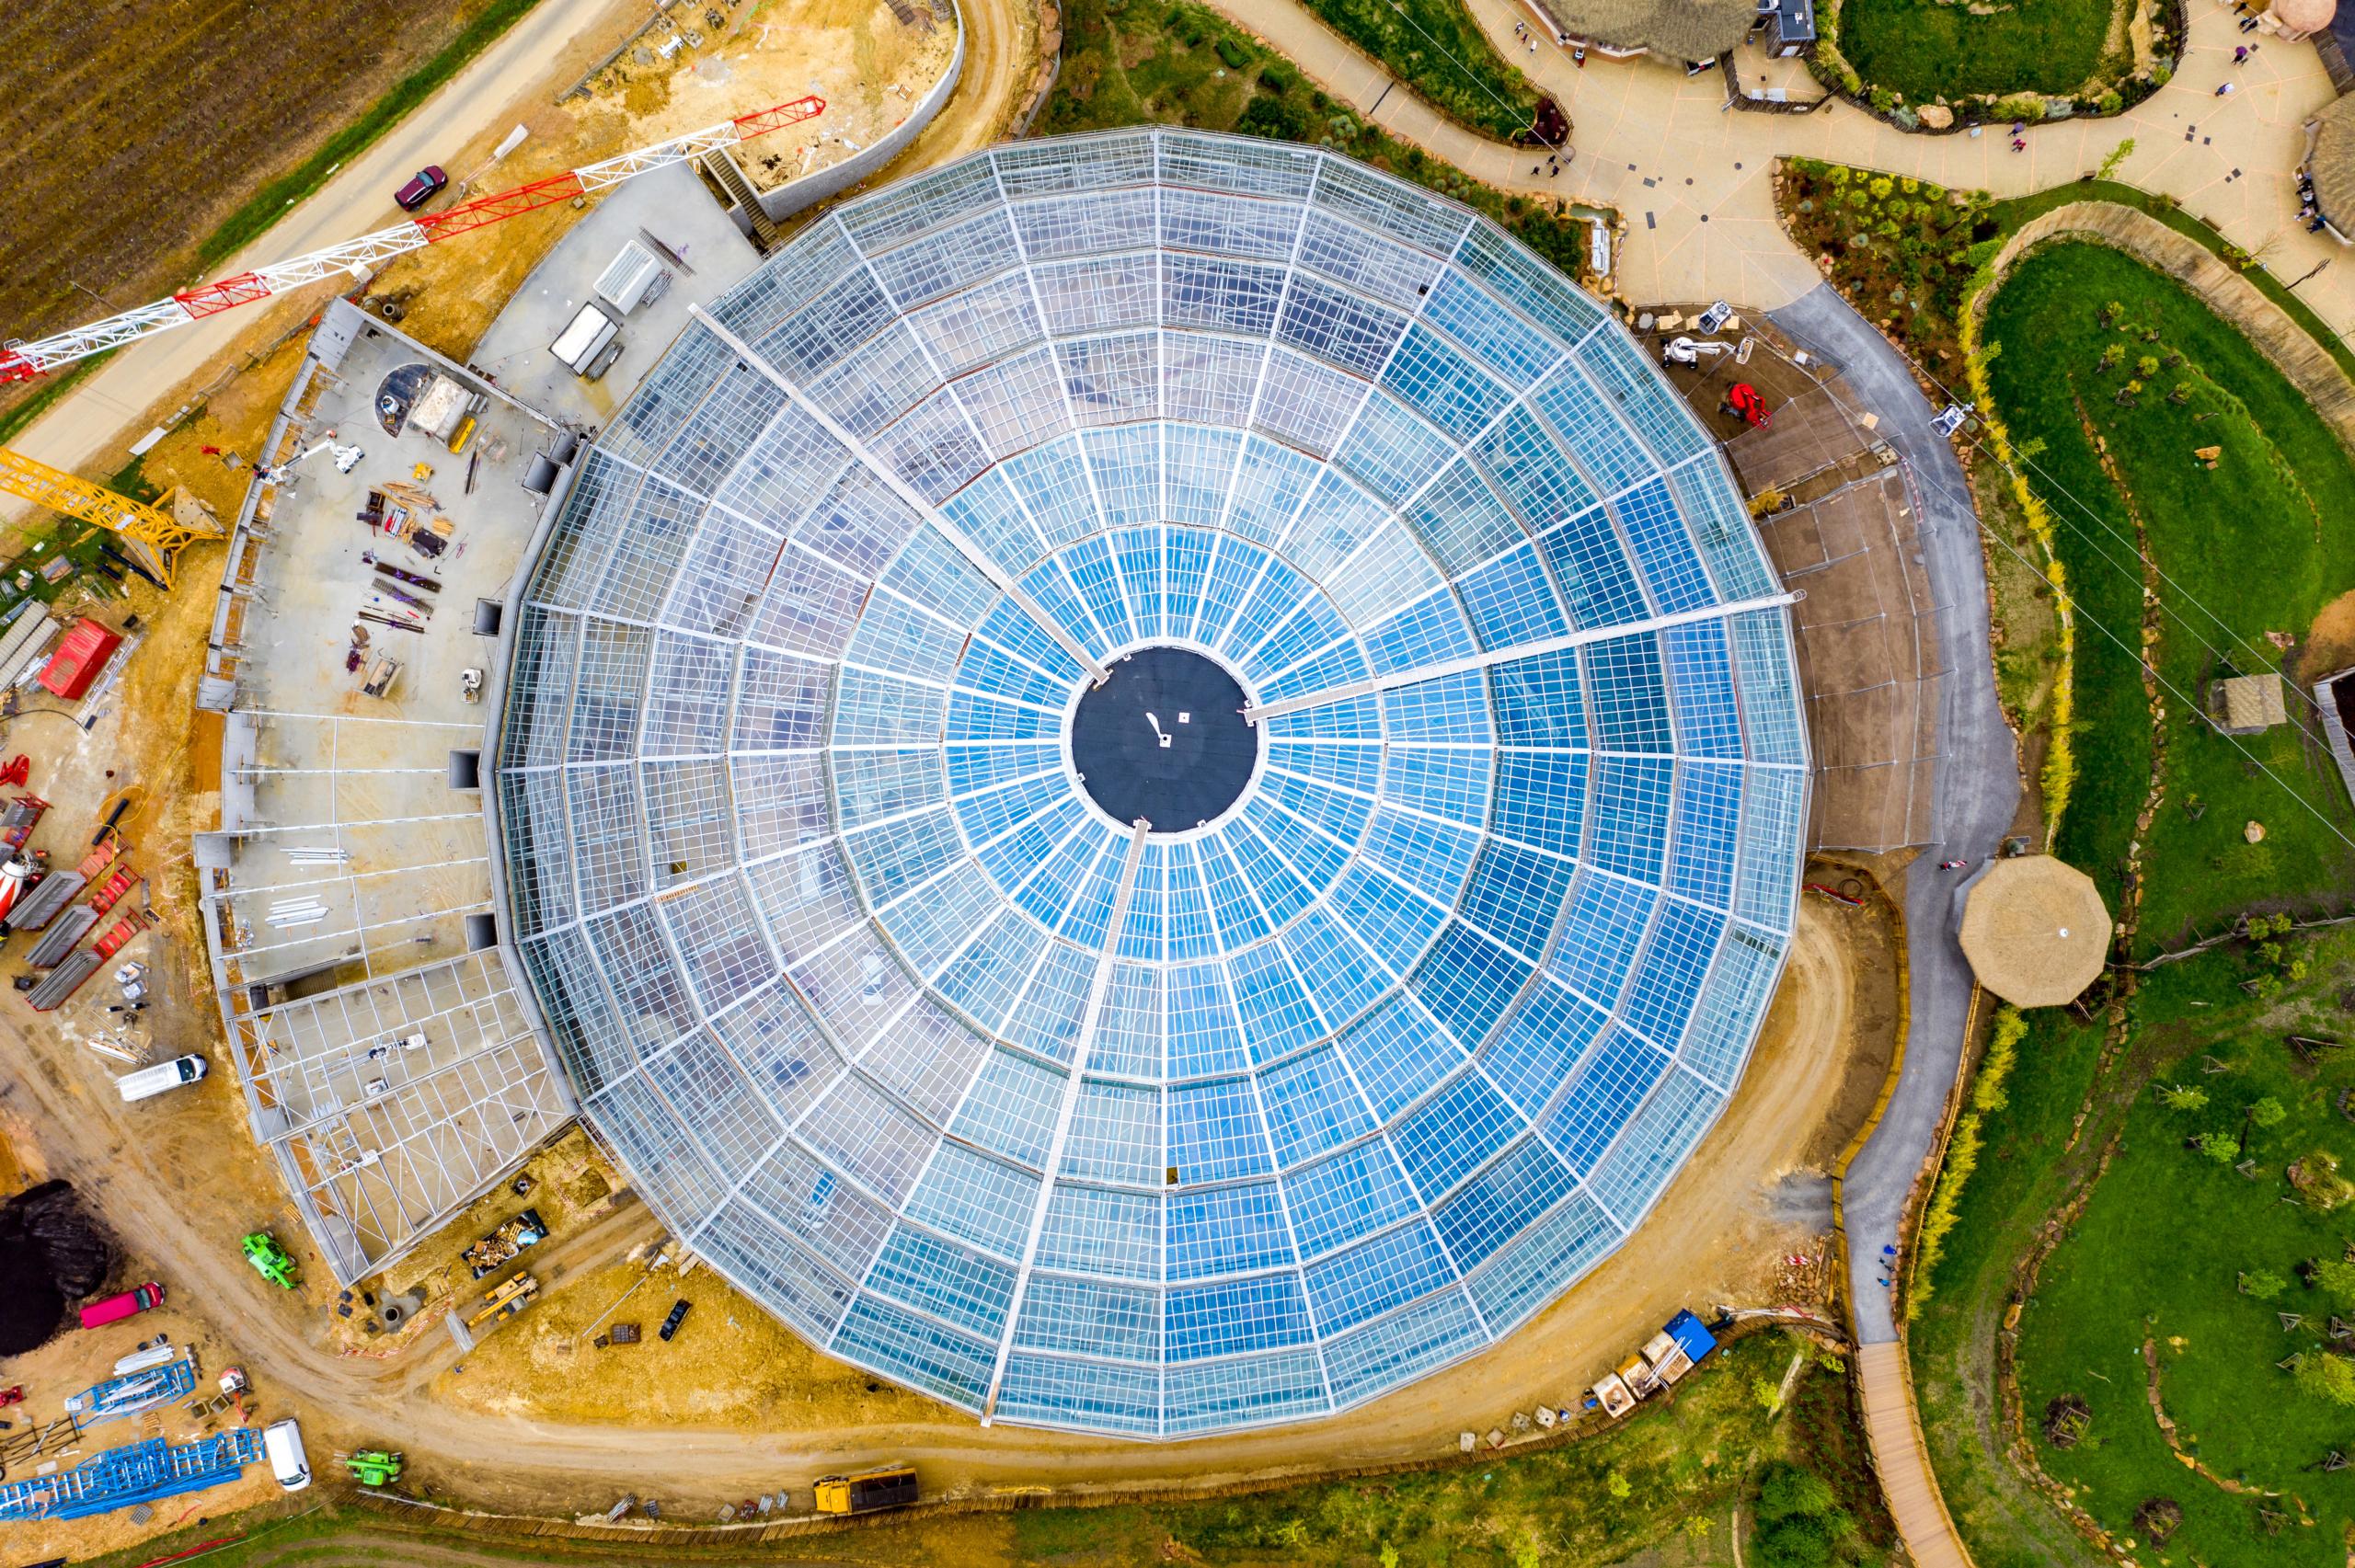 La construction du dôme du Zooparc de Beauval